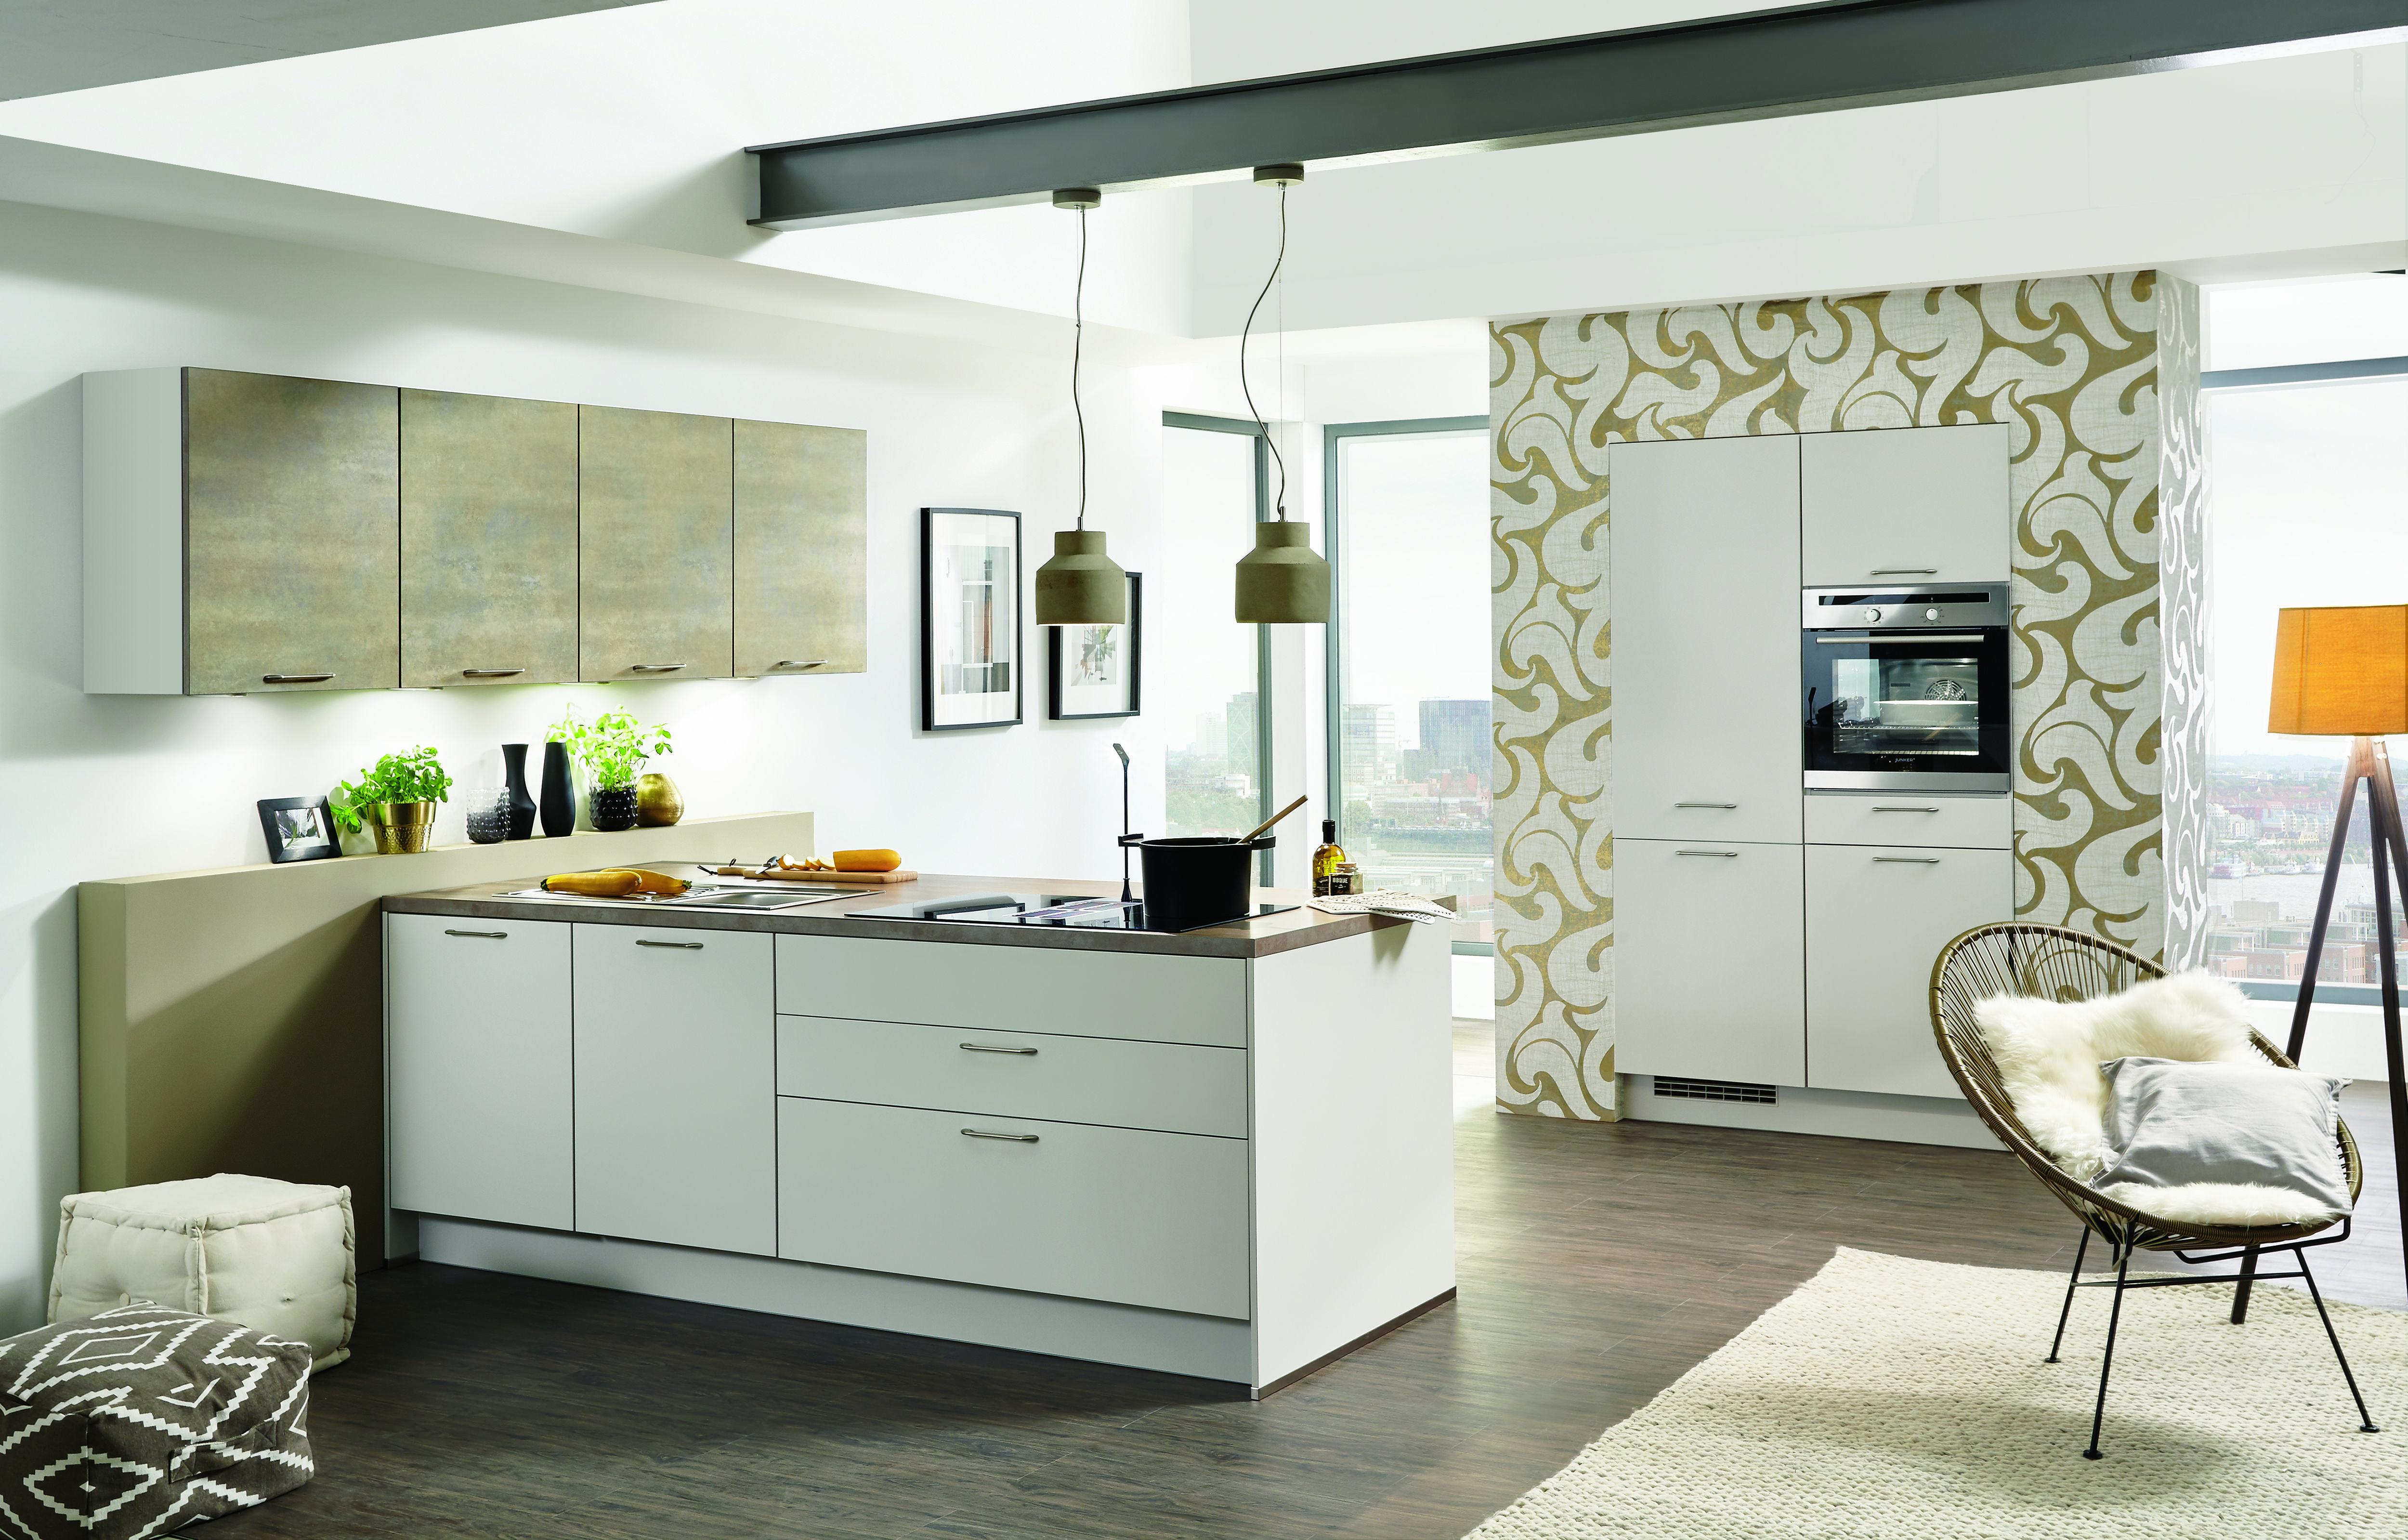 Fantastisch Küche Mit San Francisco Ca Galerie - Ideen Für Die Küche ...